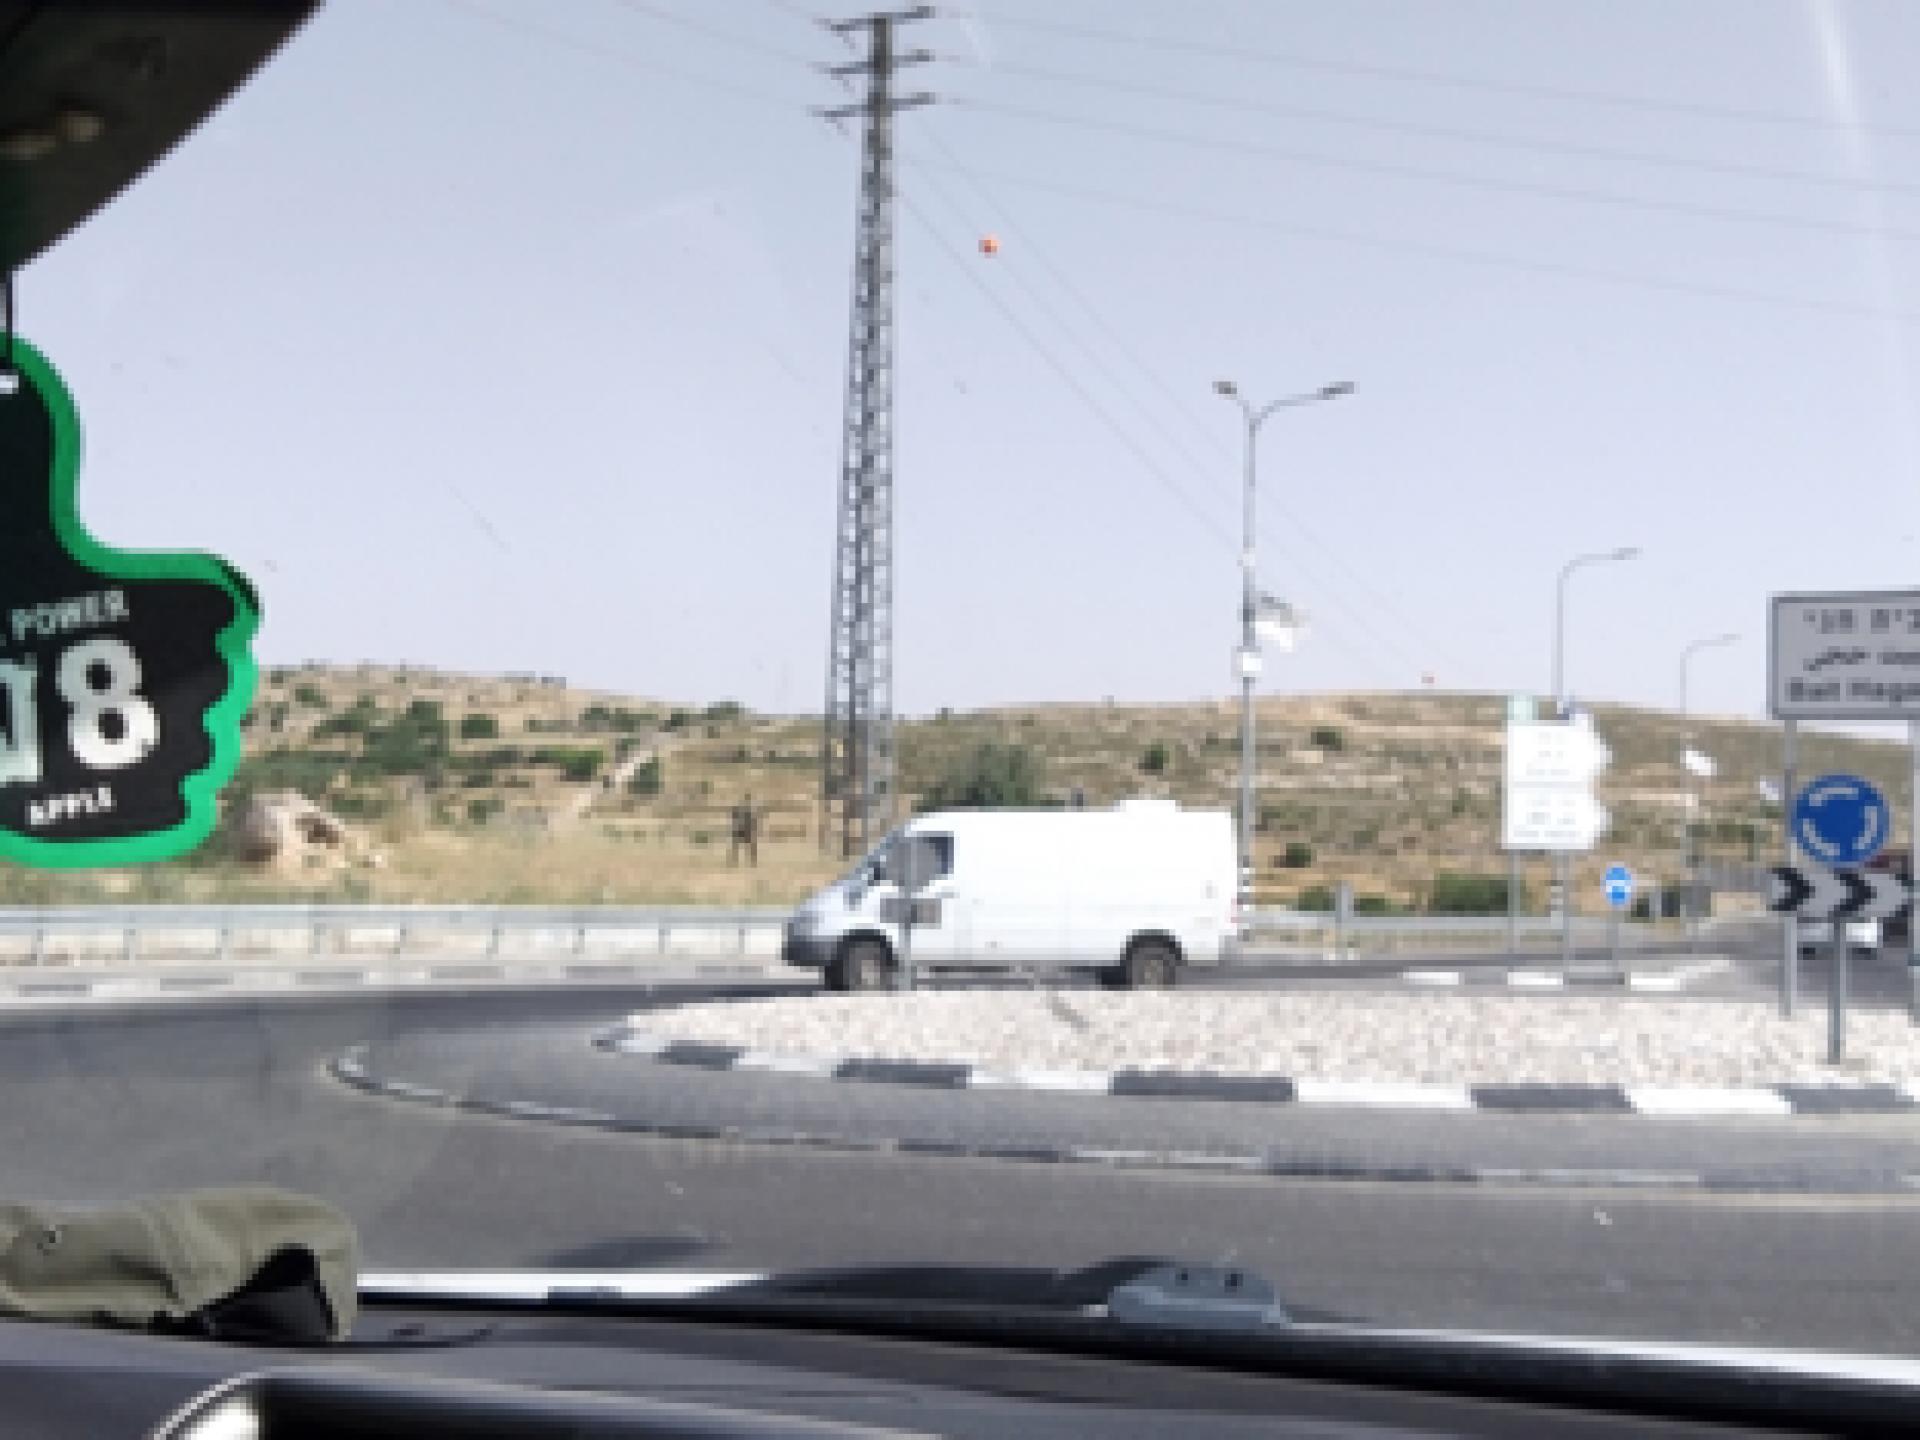 בצד שמאל של התמונה את הבטונדה והדגל ואת החיילים ליד עמוד החשמל